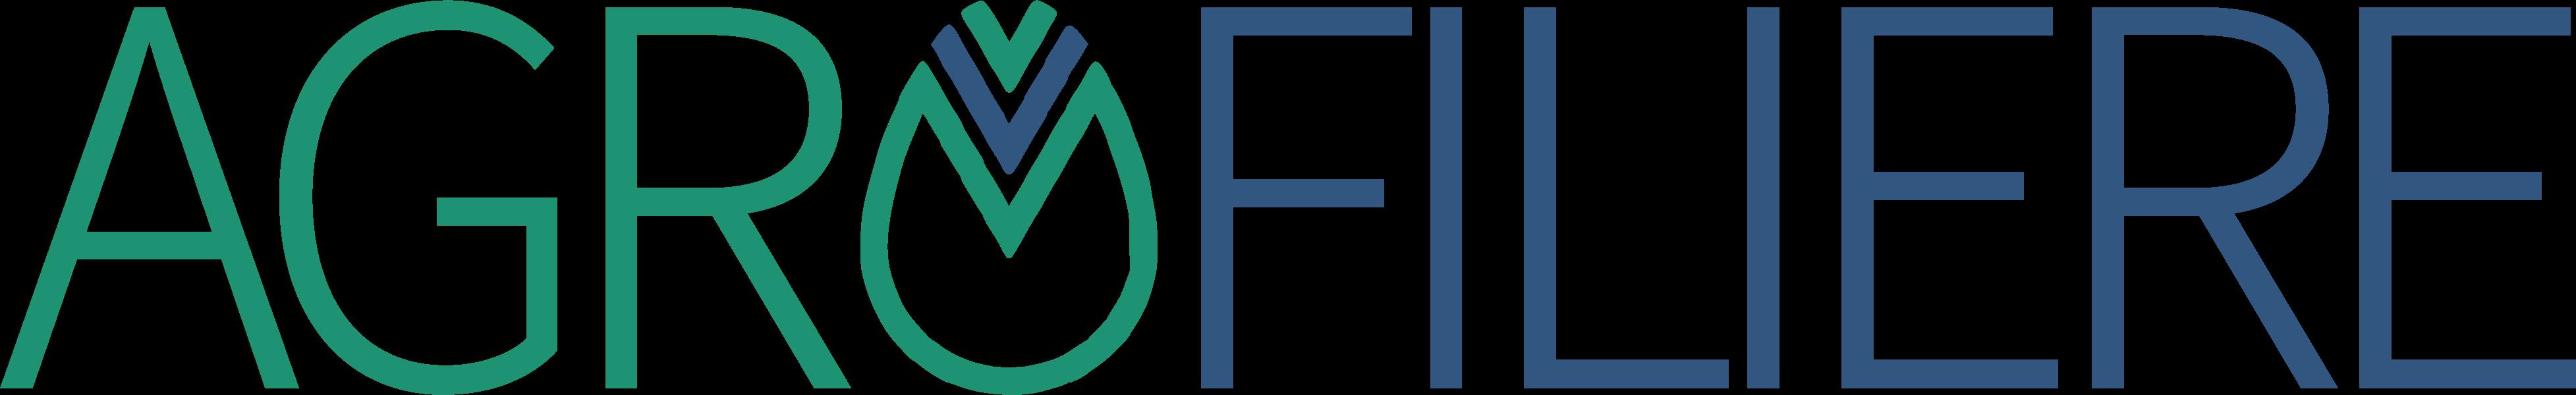 AGROFILIERE-Il primo portale per le filiere agroalimentari in Italia